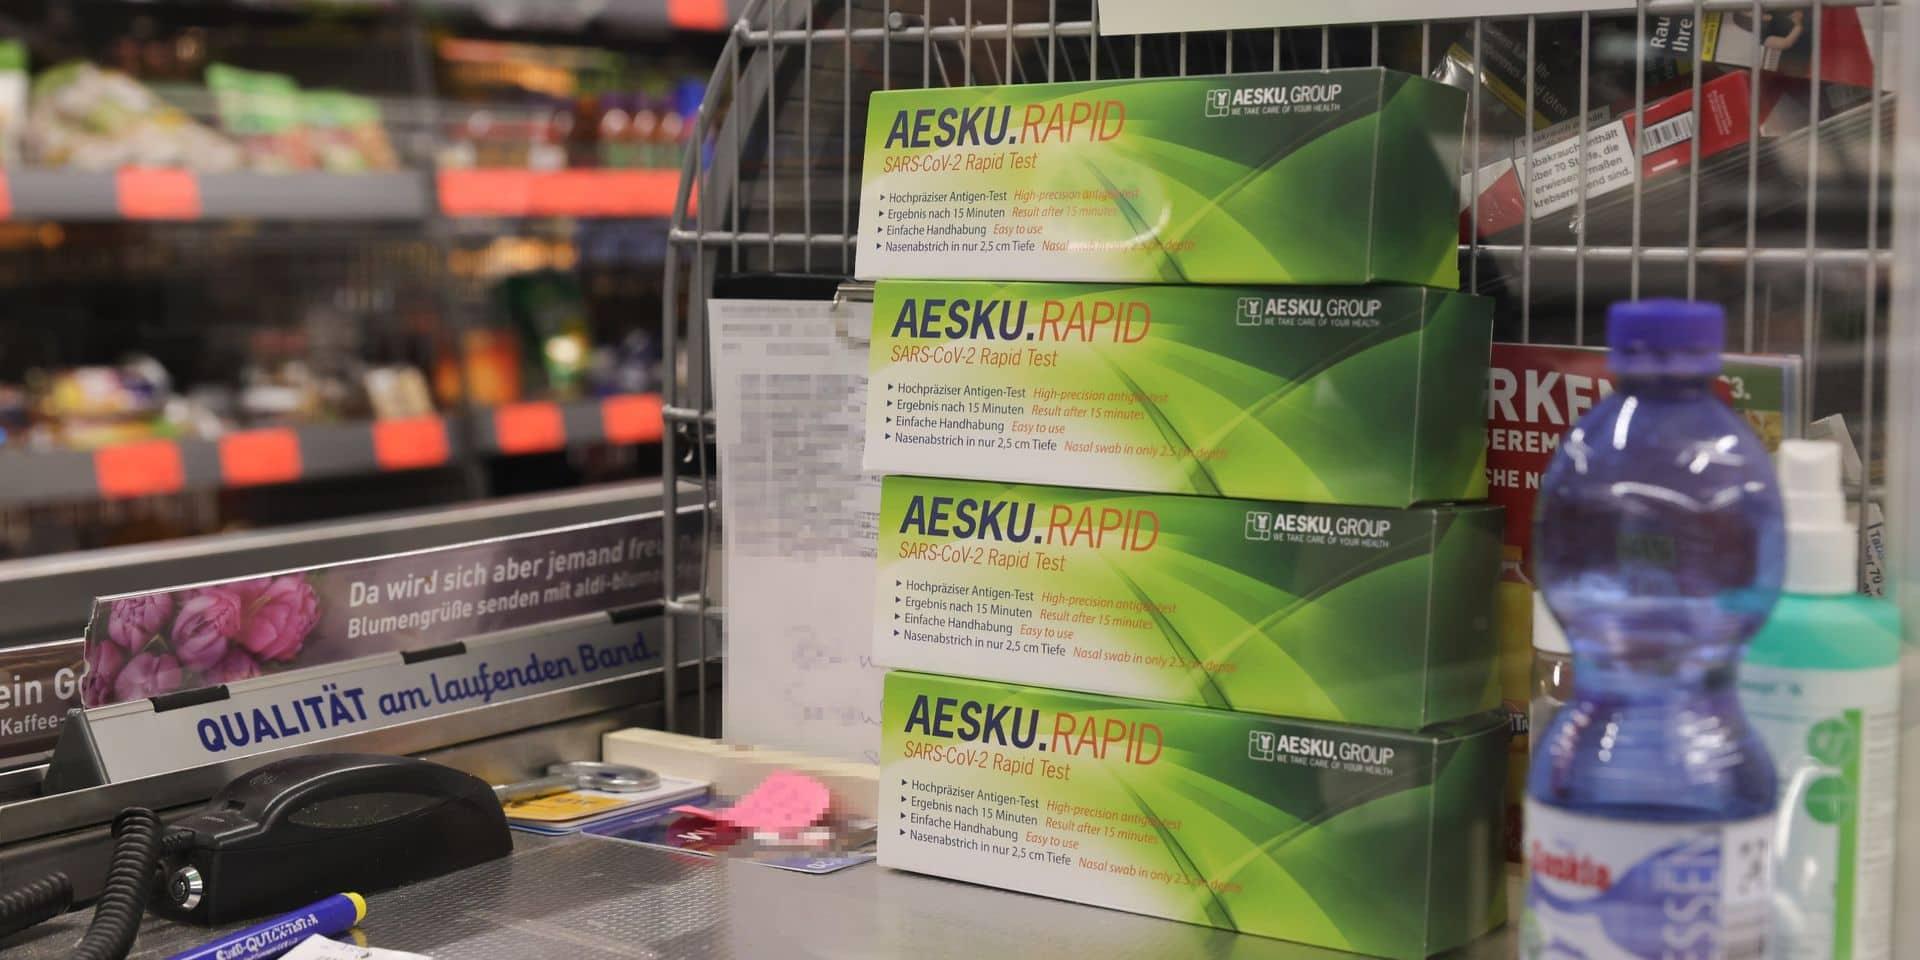 Les Allemands se ruent sur les tests rapides pour détecter le coronavirus: des files de 80 personnes devant un magasin Aldi